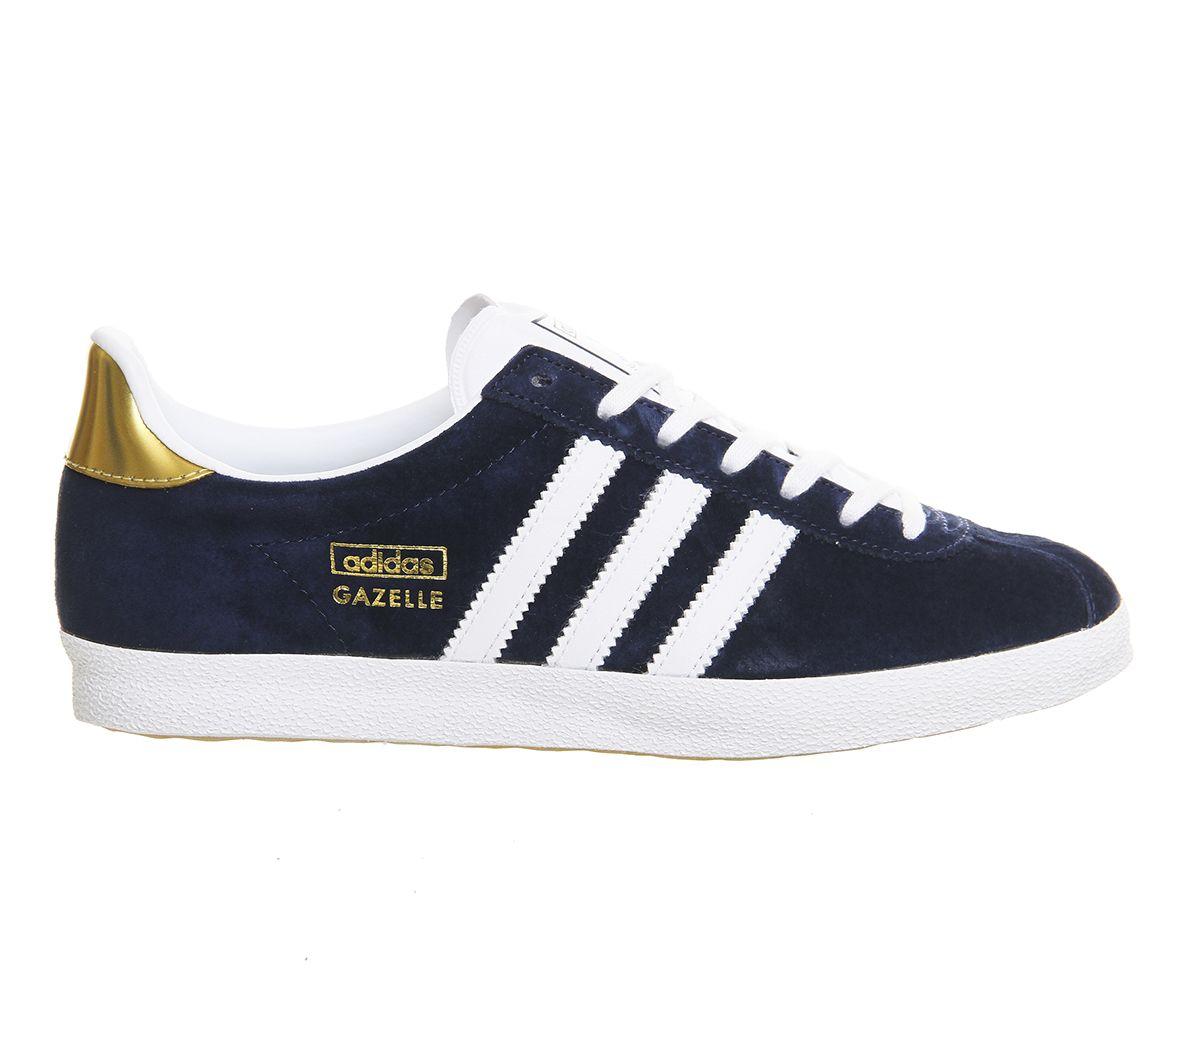 Buy Night Indigo White Metallic Gold Adidas Gazelle Og Trainers from  OFFICE.co.uk